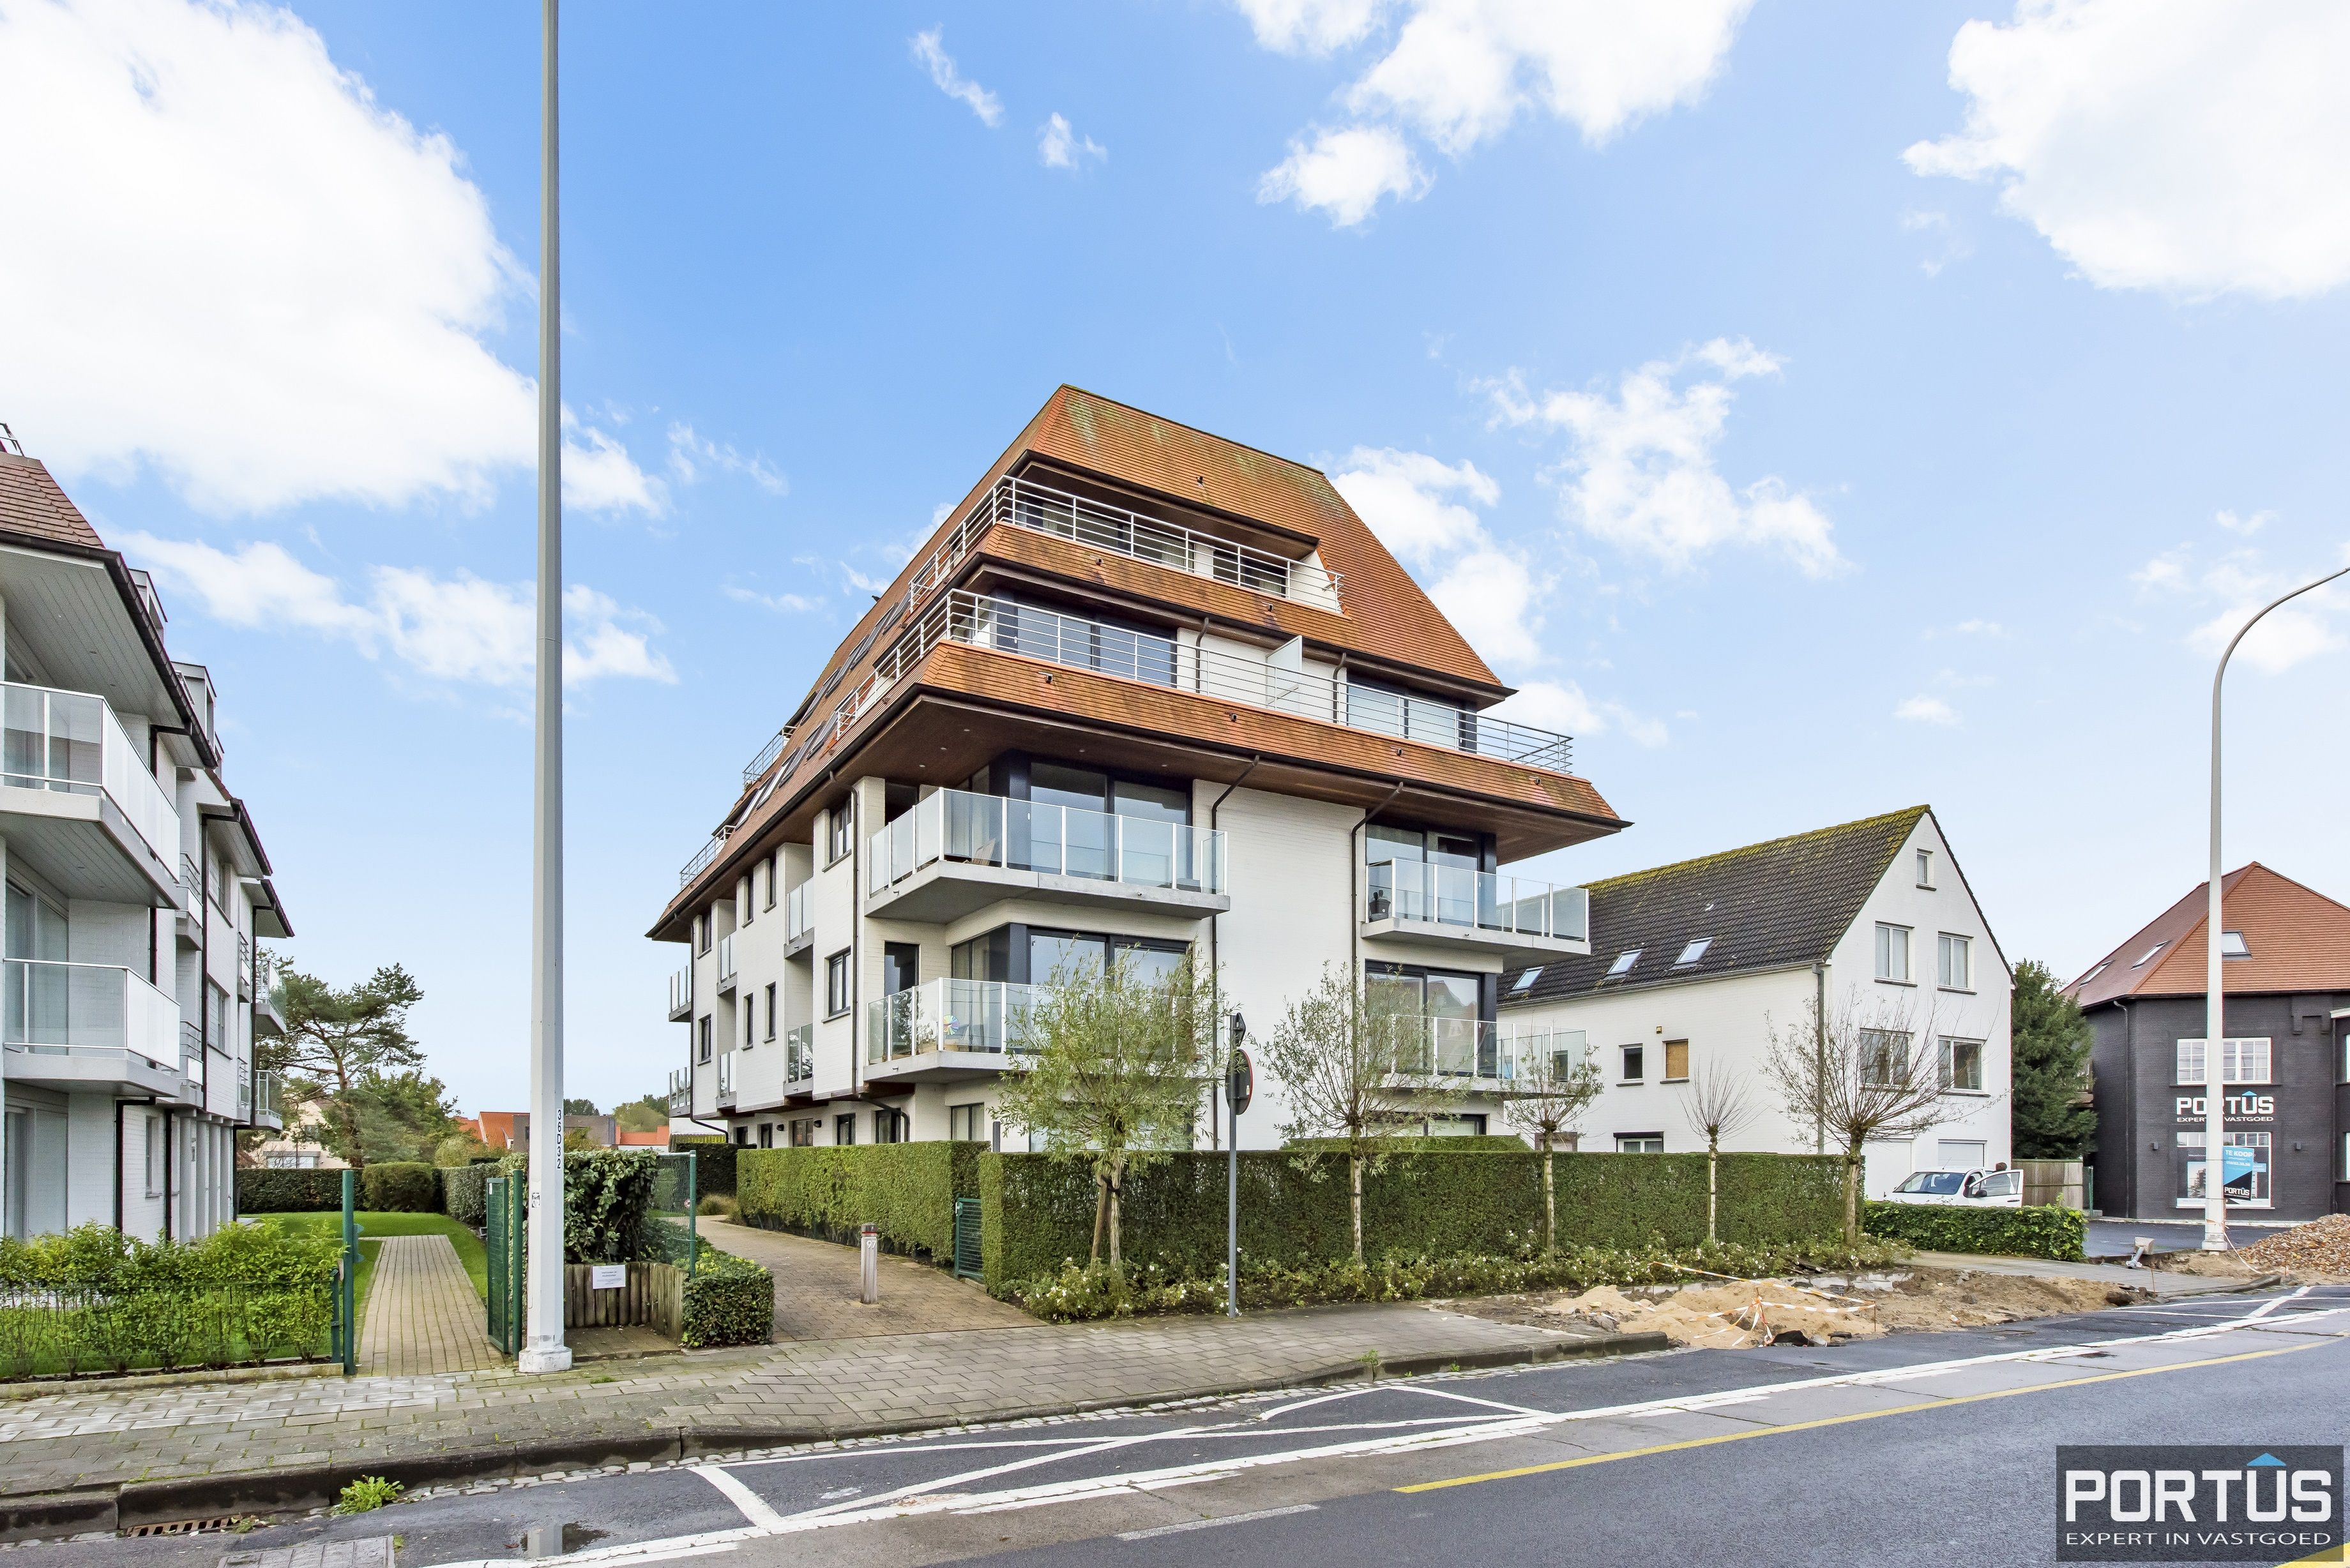 Instapklaar zongericht appartement met 2 slaapkamers te koop in Nieuwpoort - 10010